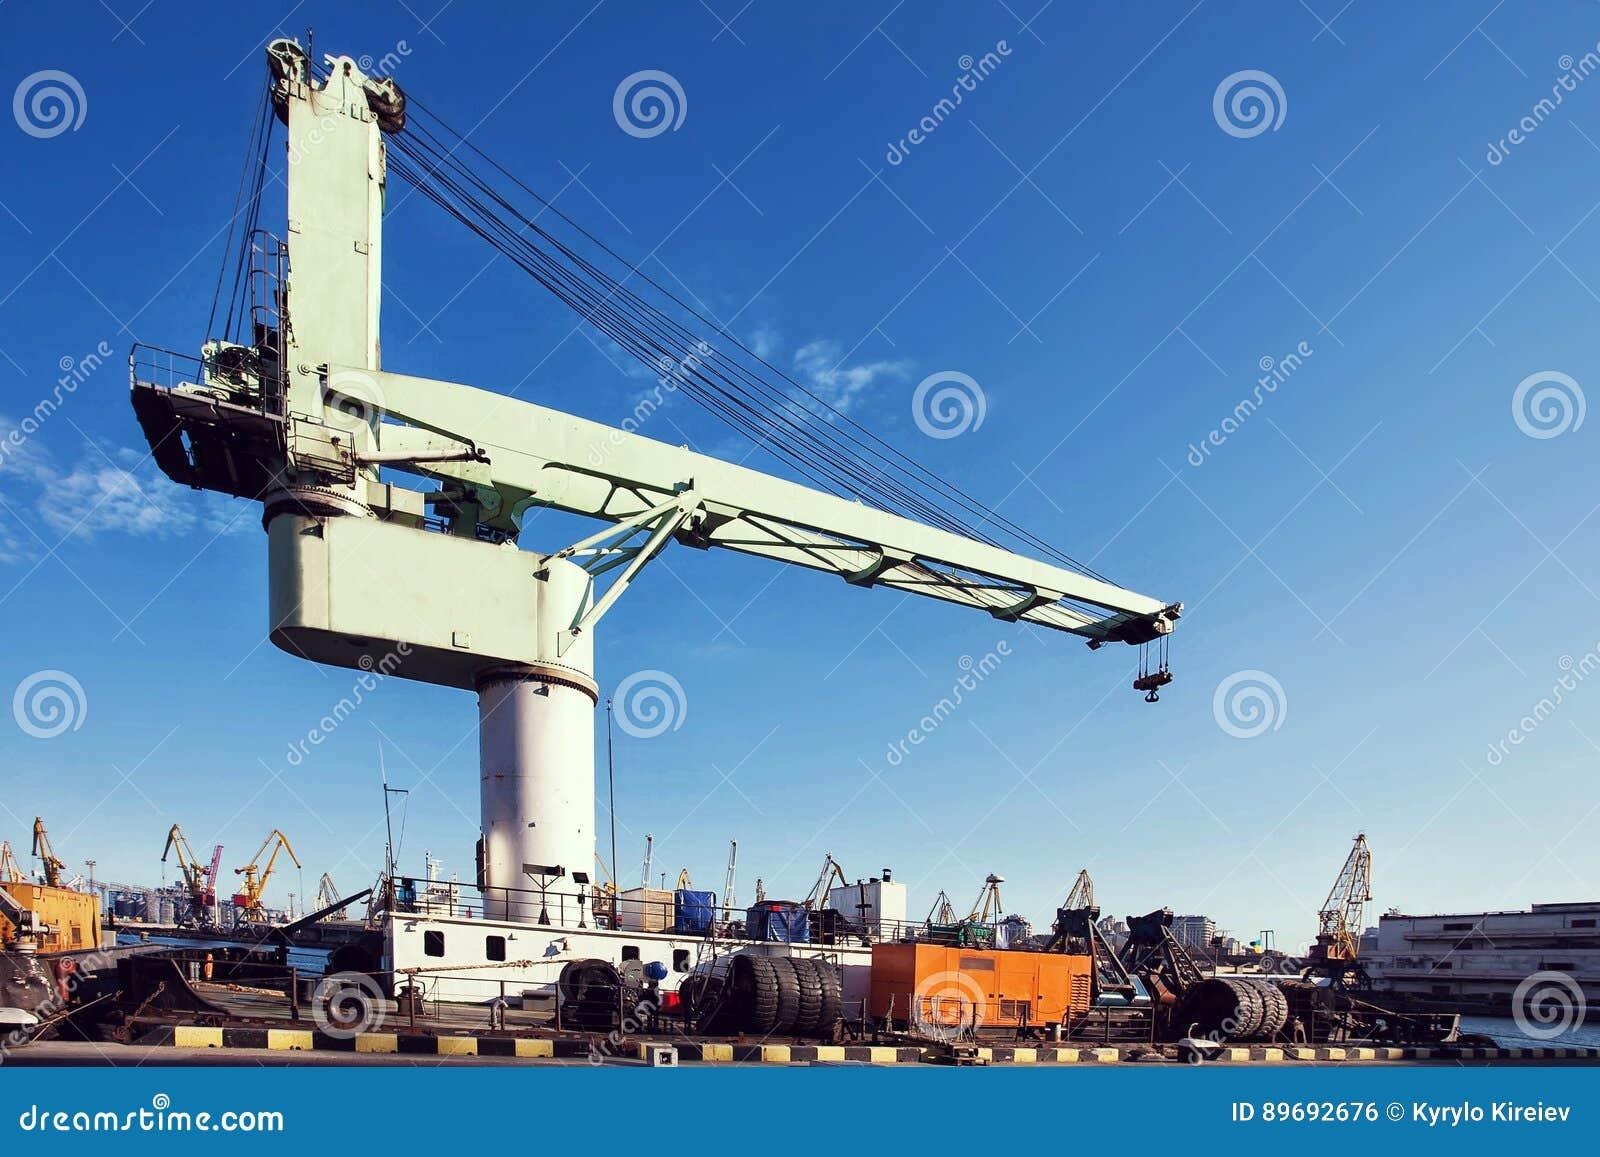 Guindaste da carga do porto sobre o fundo do céu azul Porto marítimo, guindaste para carregar no por do sol transporte